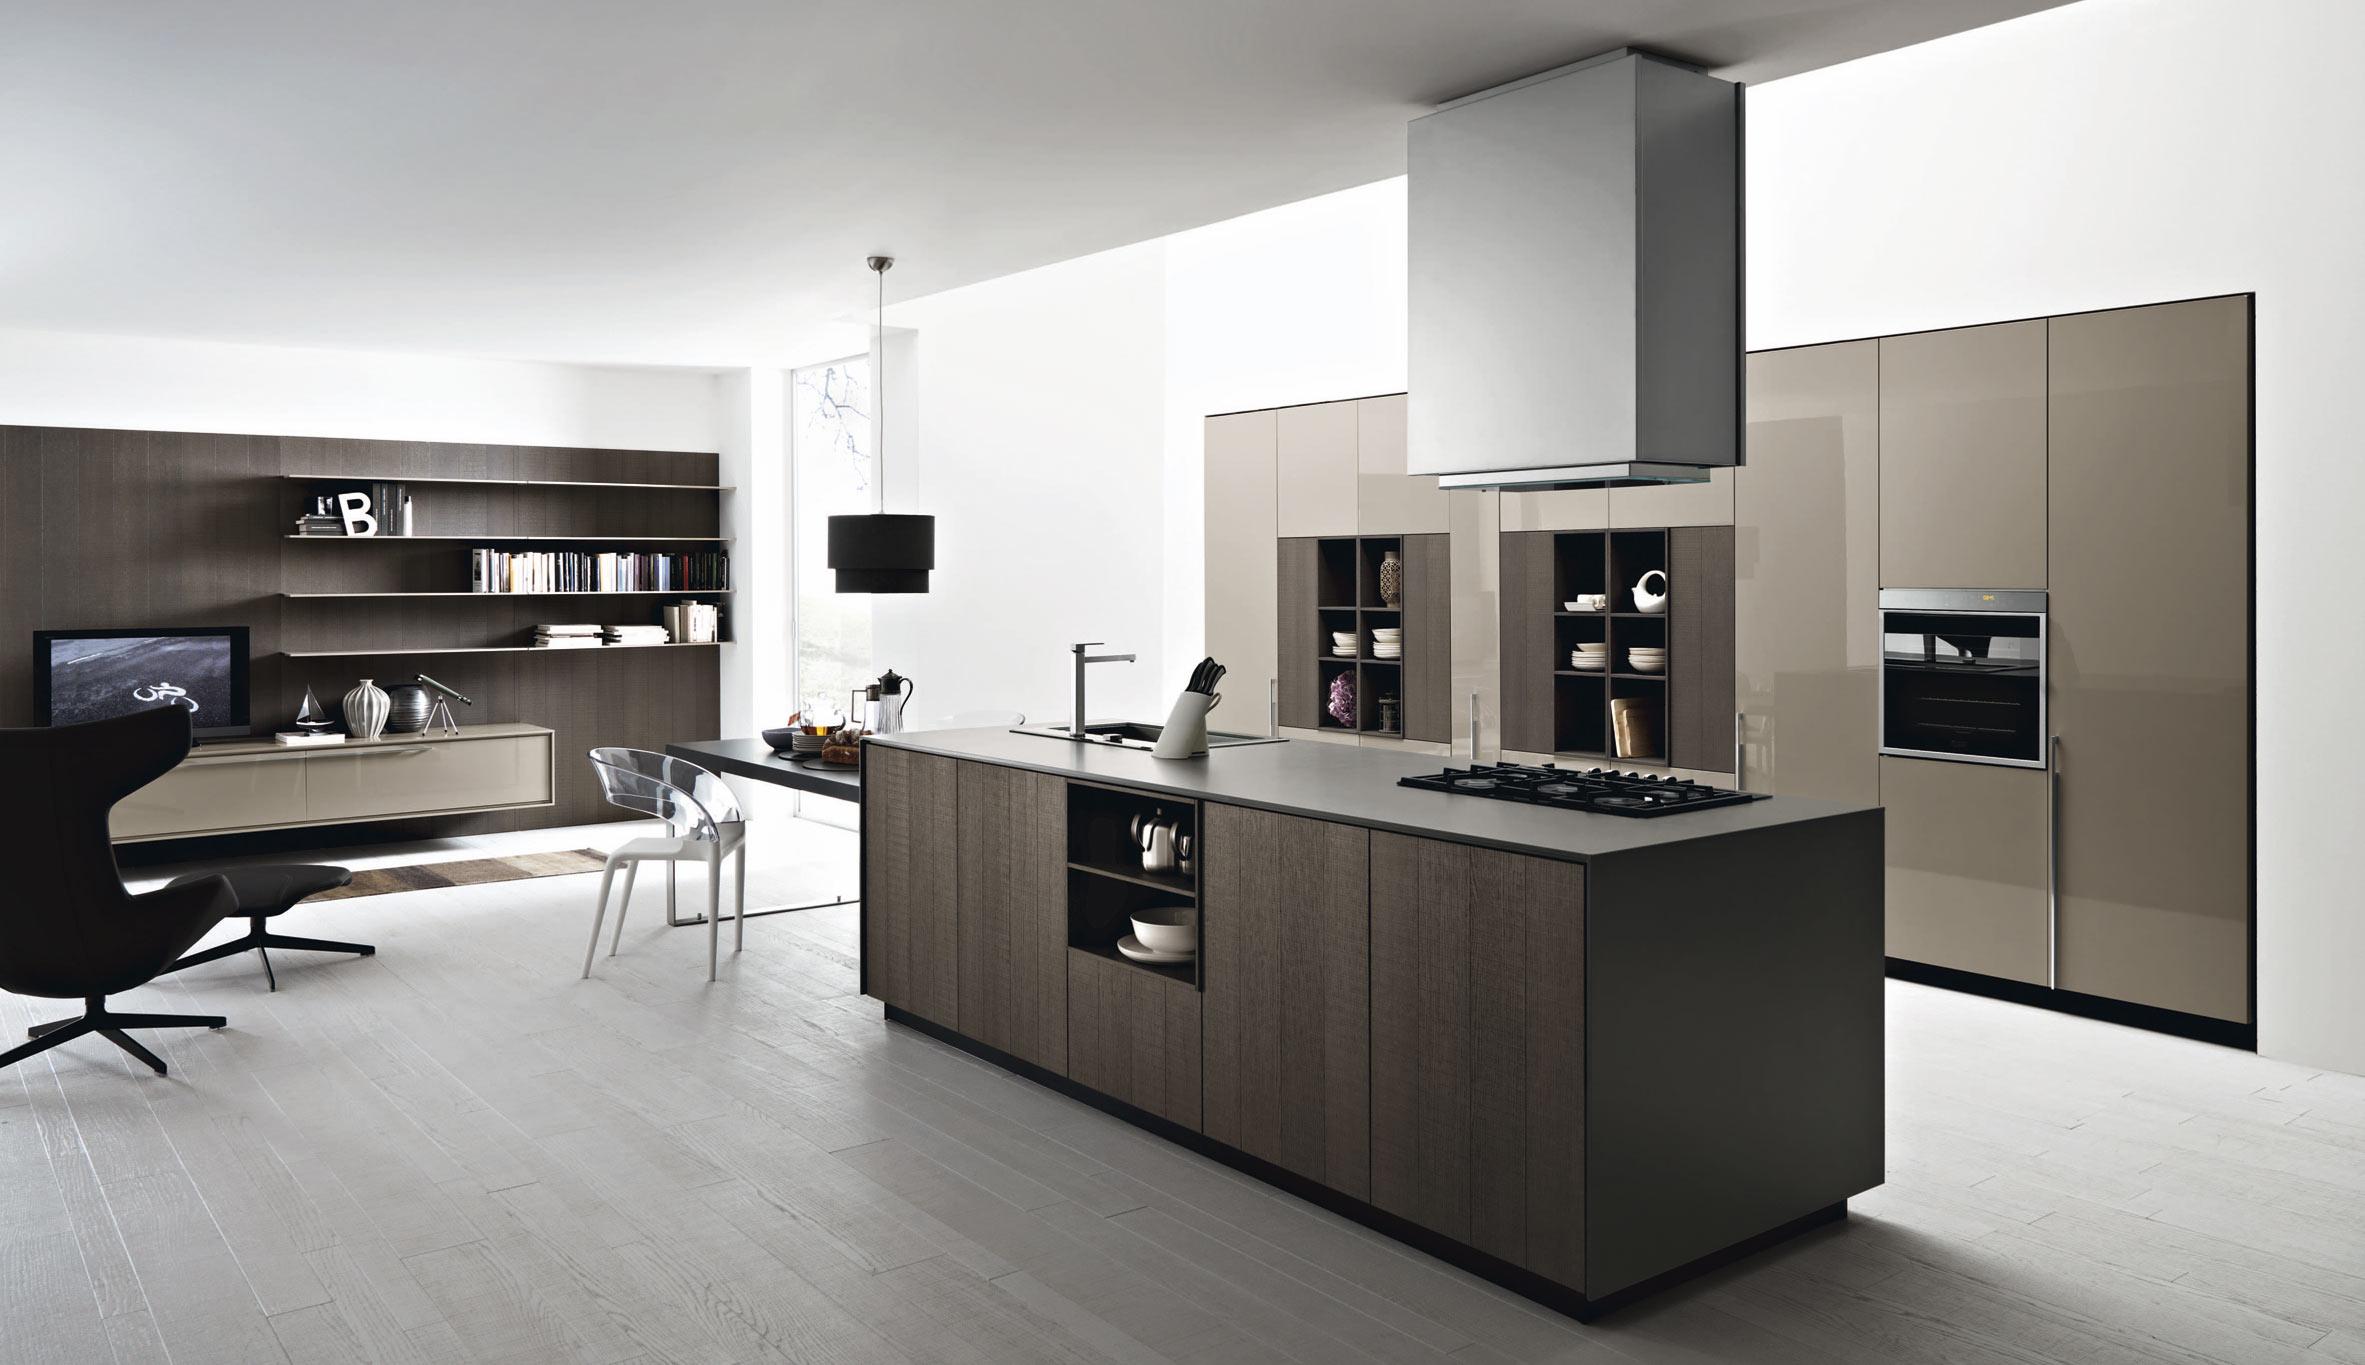 Kitchen-Interior-Design-Exterior-Plan